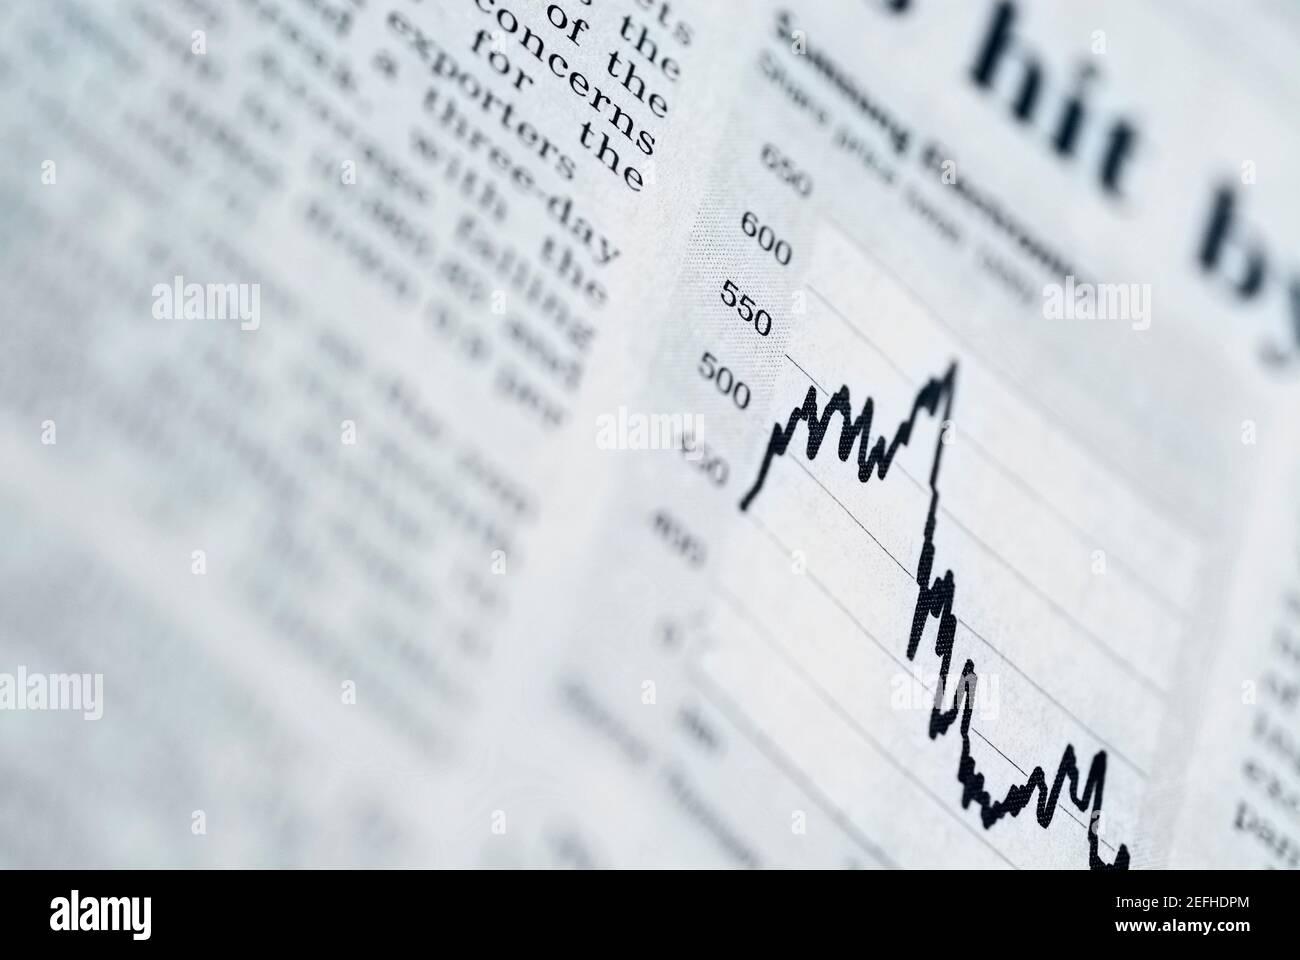 Primer plano de un gráfico de líneas en un informe de negocio Foto de stock